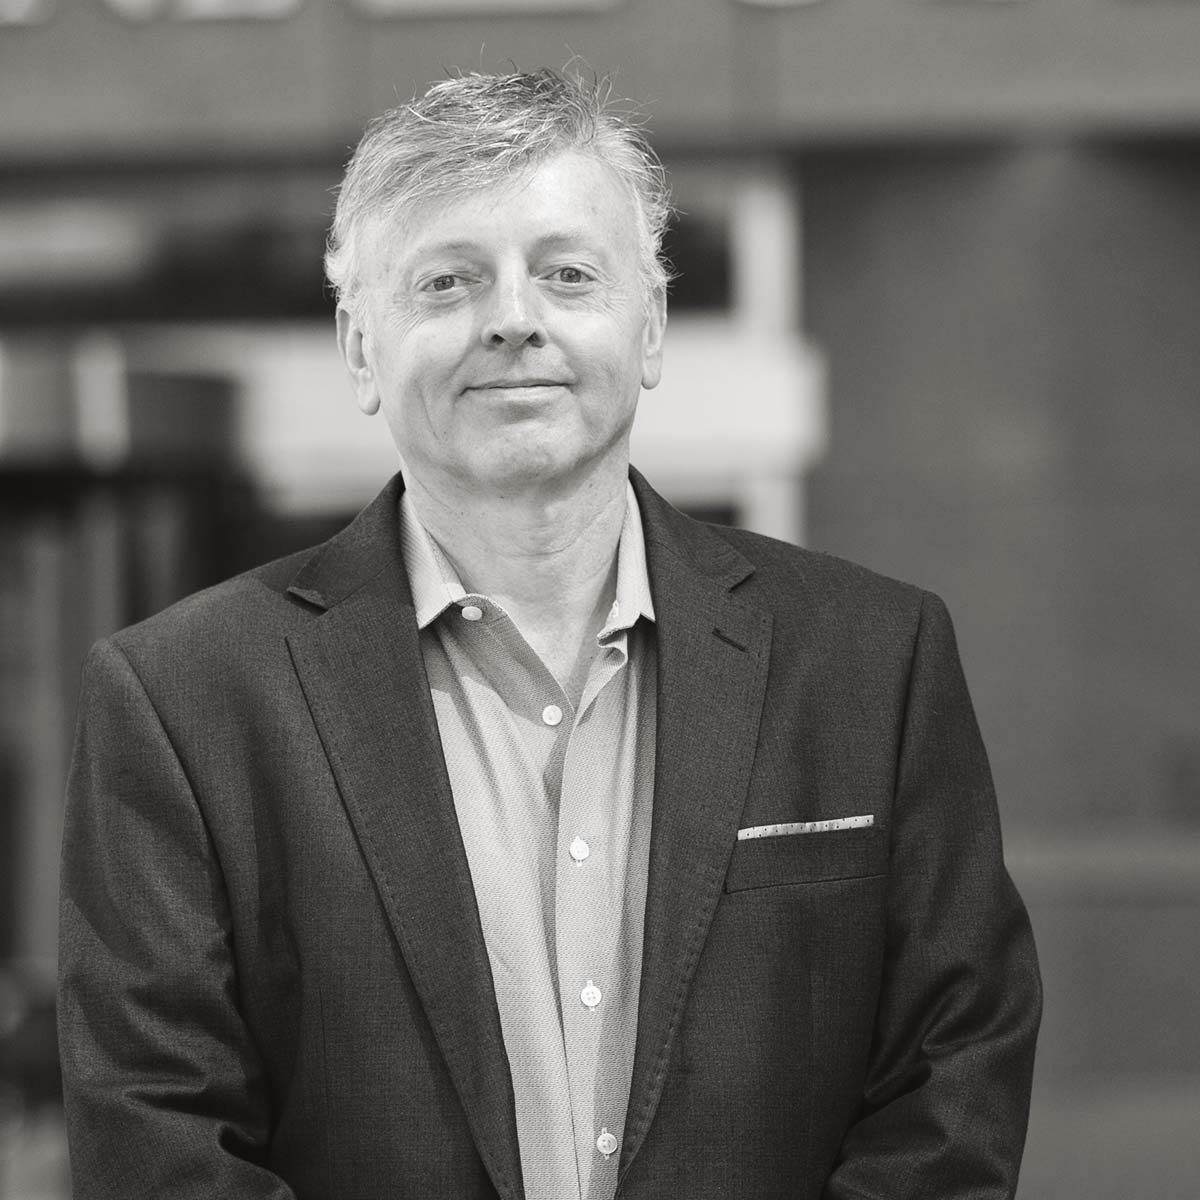 Jonathan M. Ruga